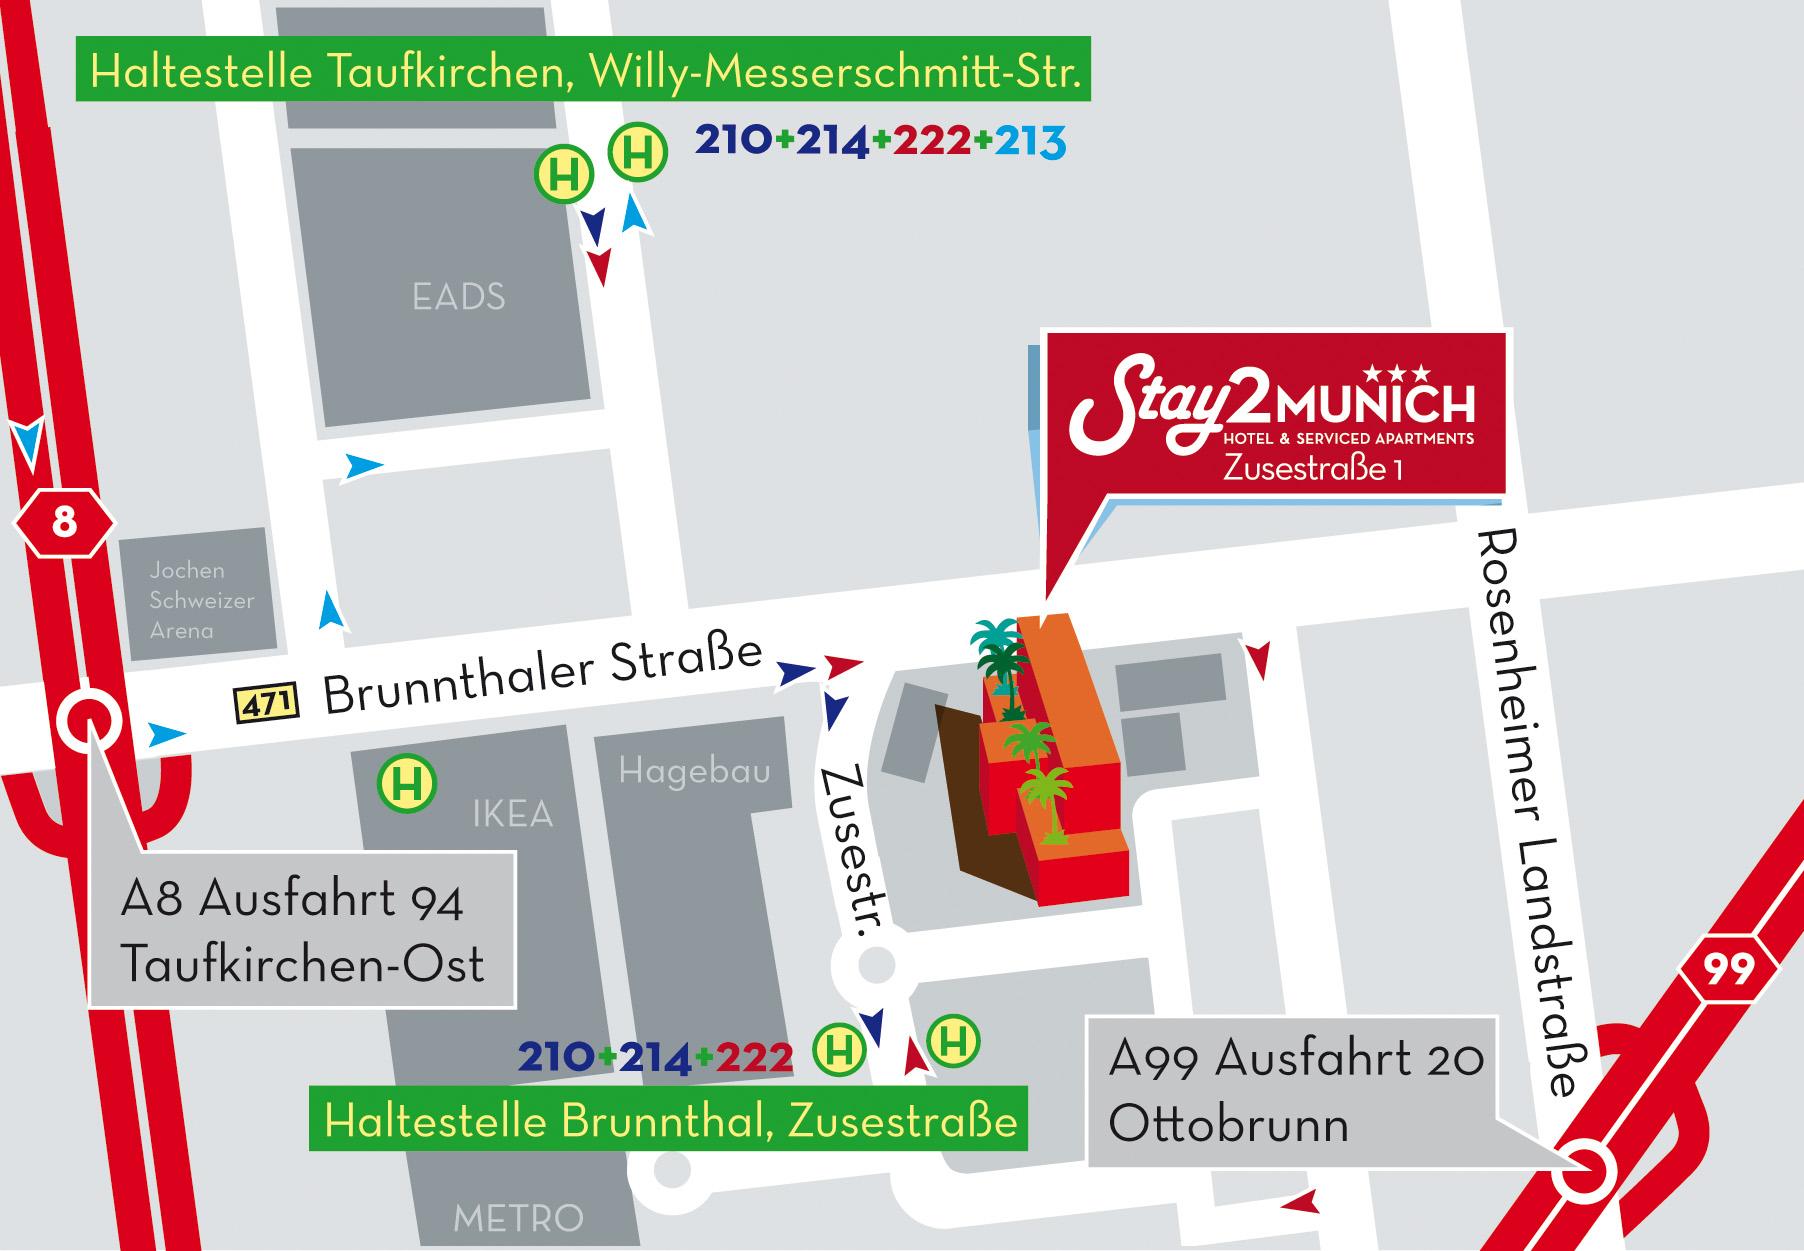 Full Size of Mobility Stay2munich Günstige Küche Mit E Geräten Amerikanische Kaufen Led Beleuchtung Winkel Einbauküche Gebraucht Nobilia Sitzecke Günstig Wohnzimmer Barrierefreie Küche Ikea